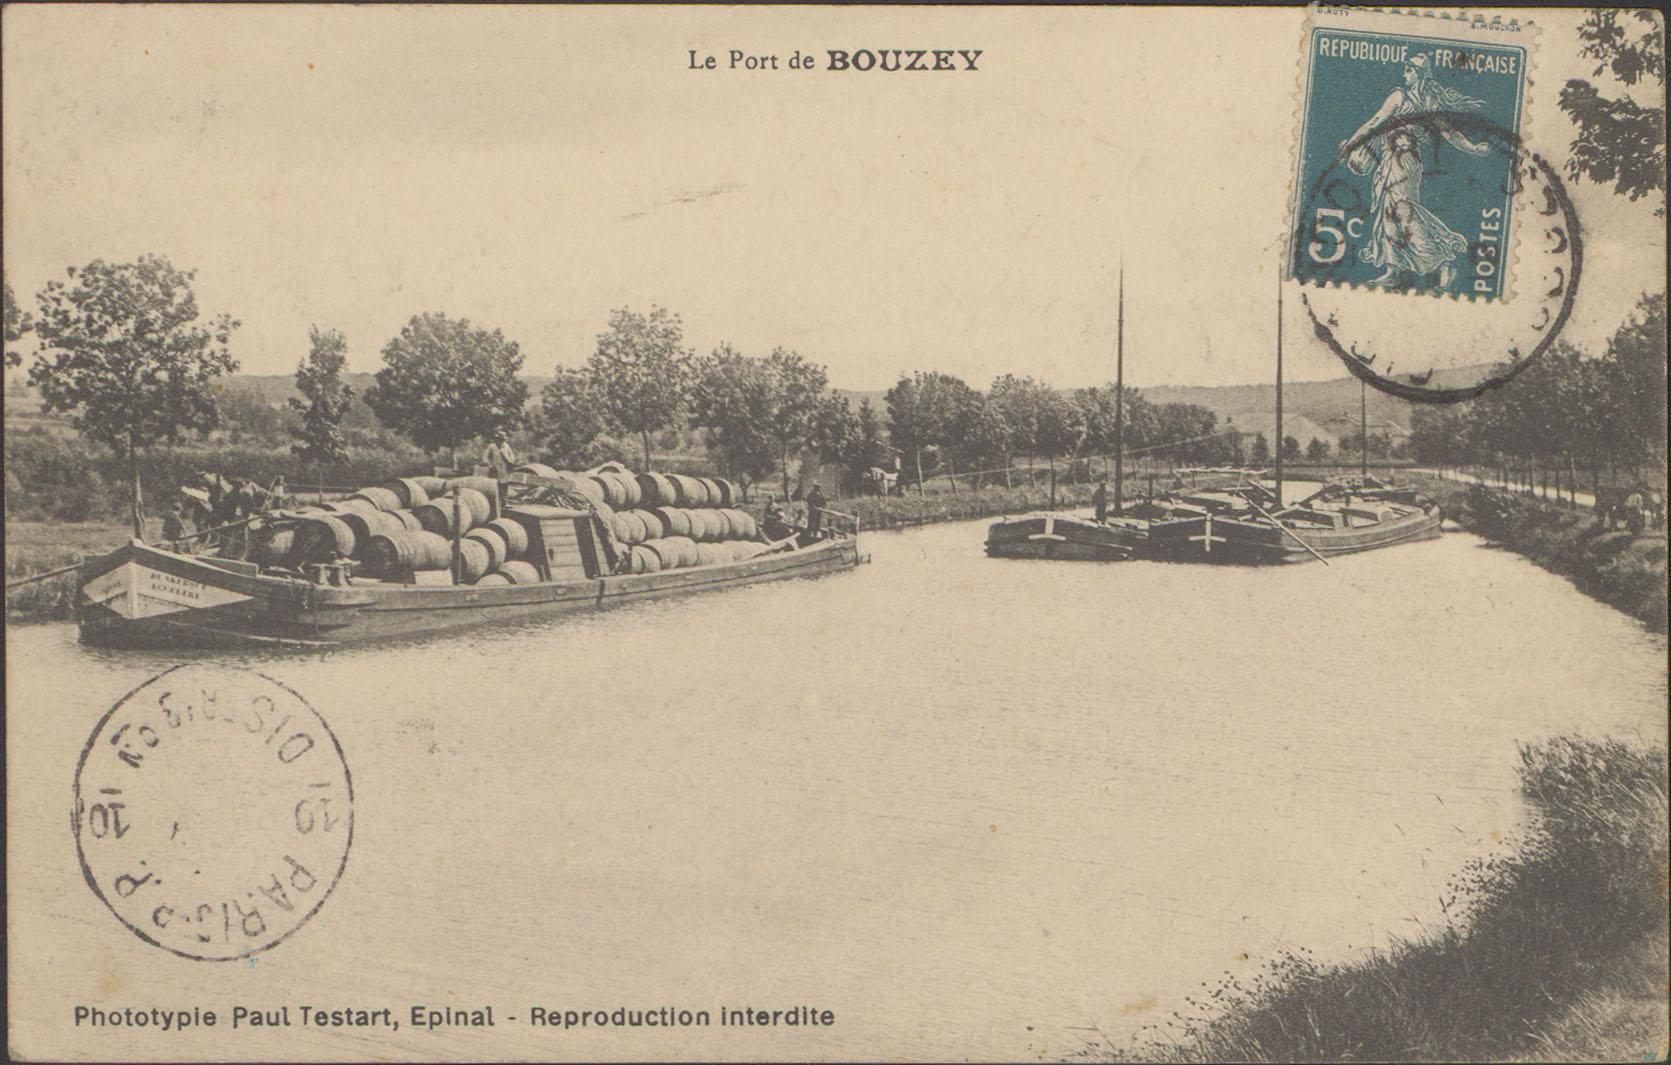 Contenu du Le Port de Bouzey